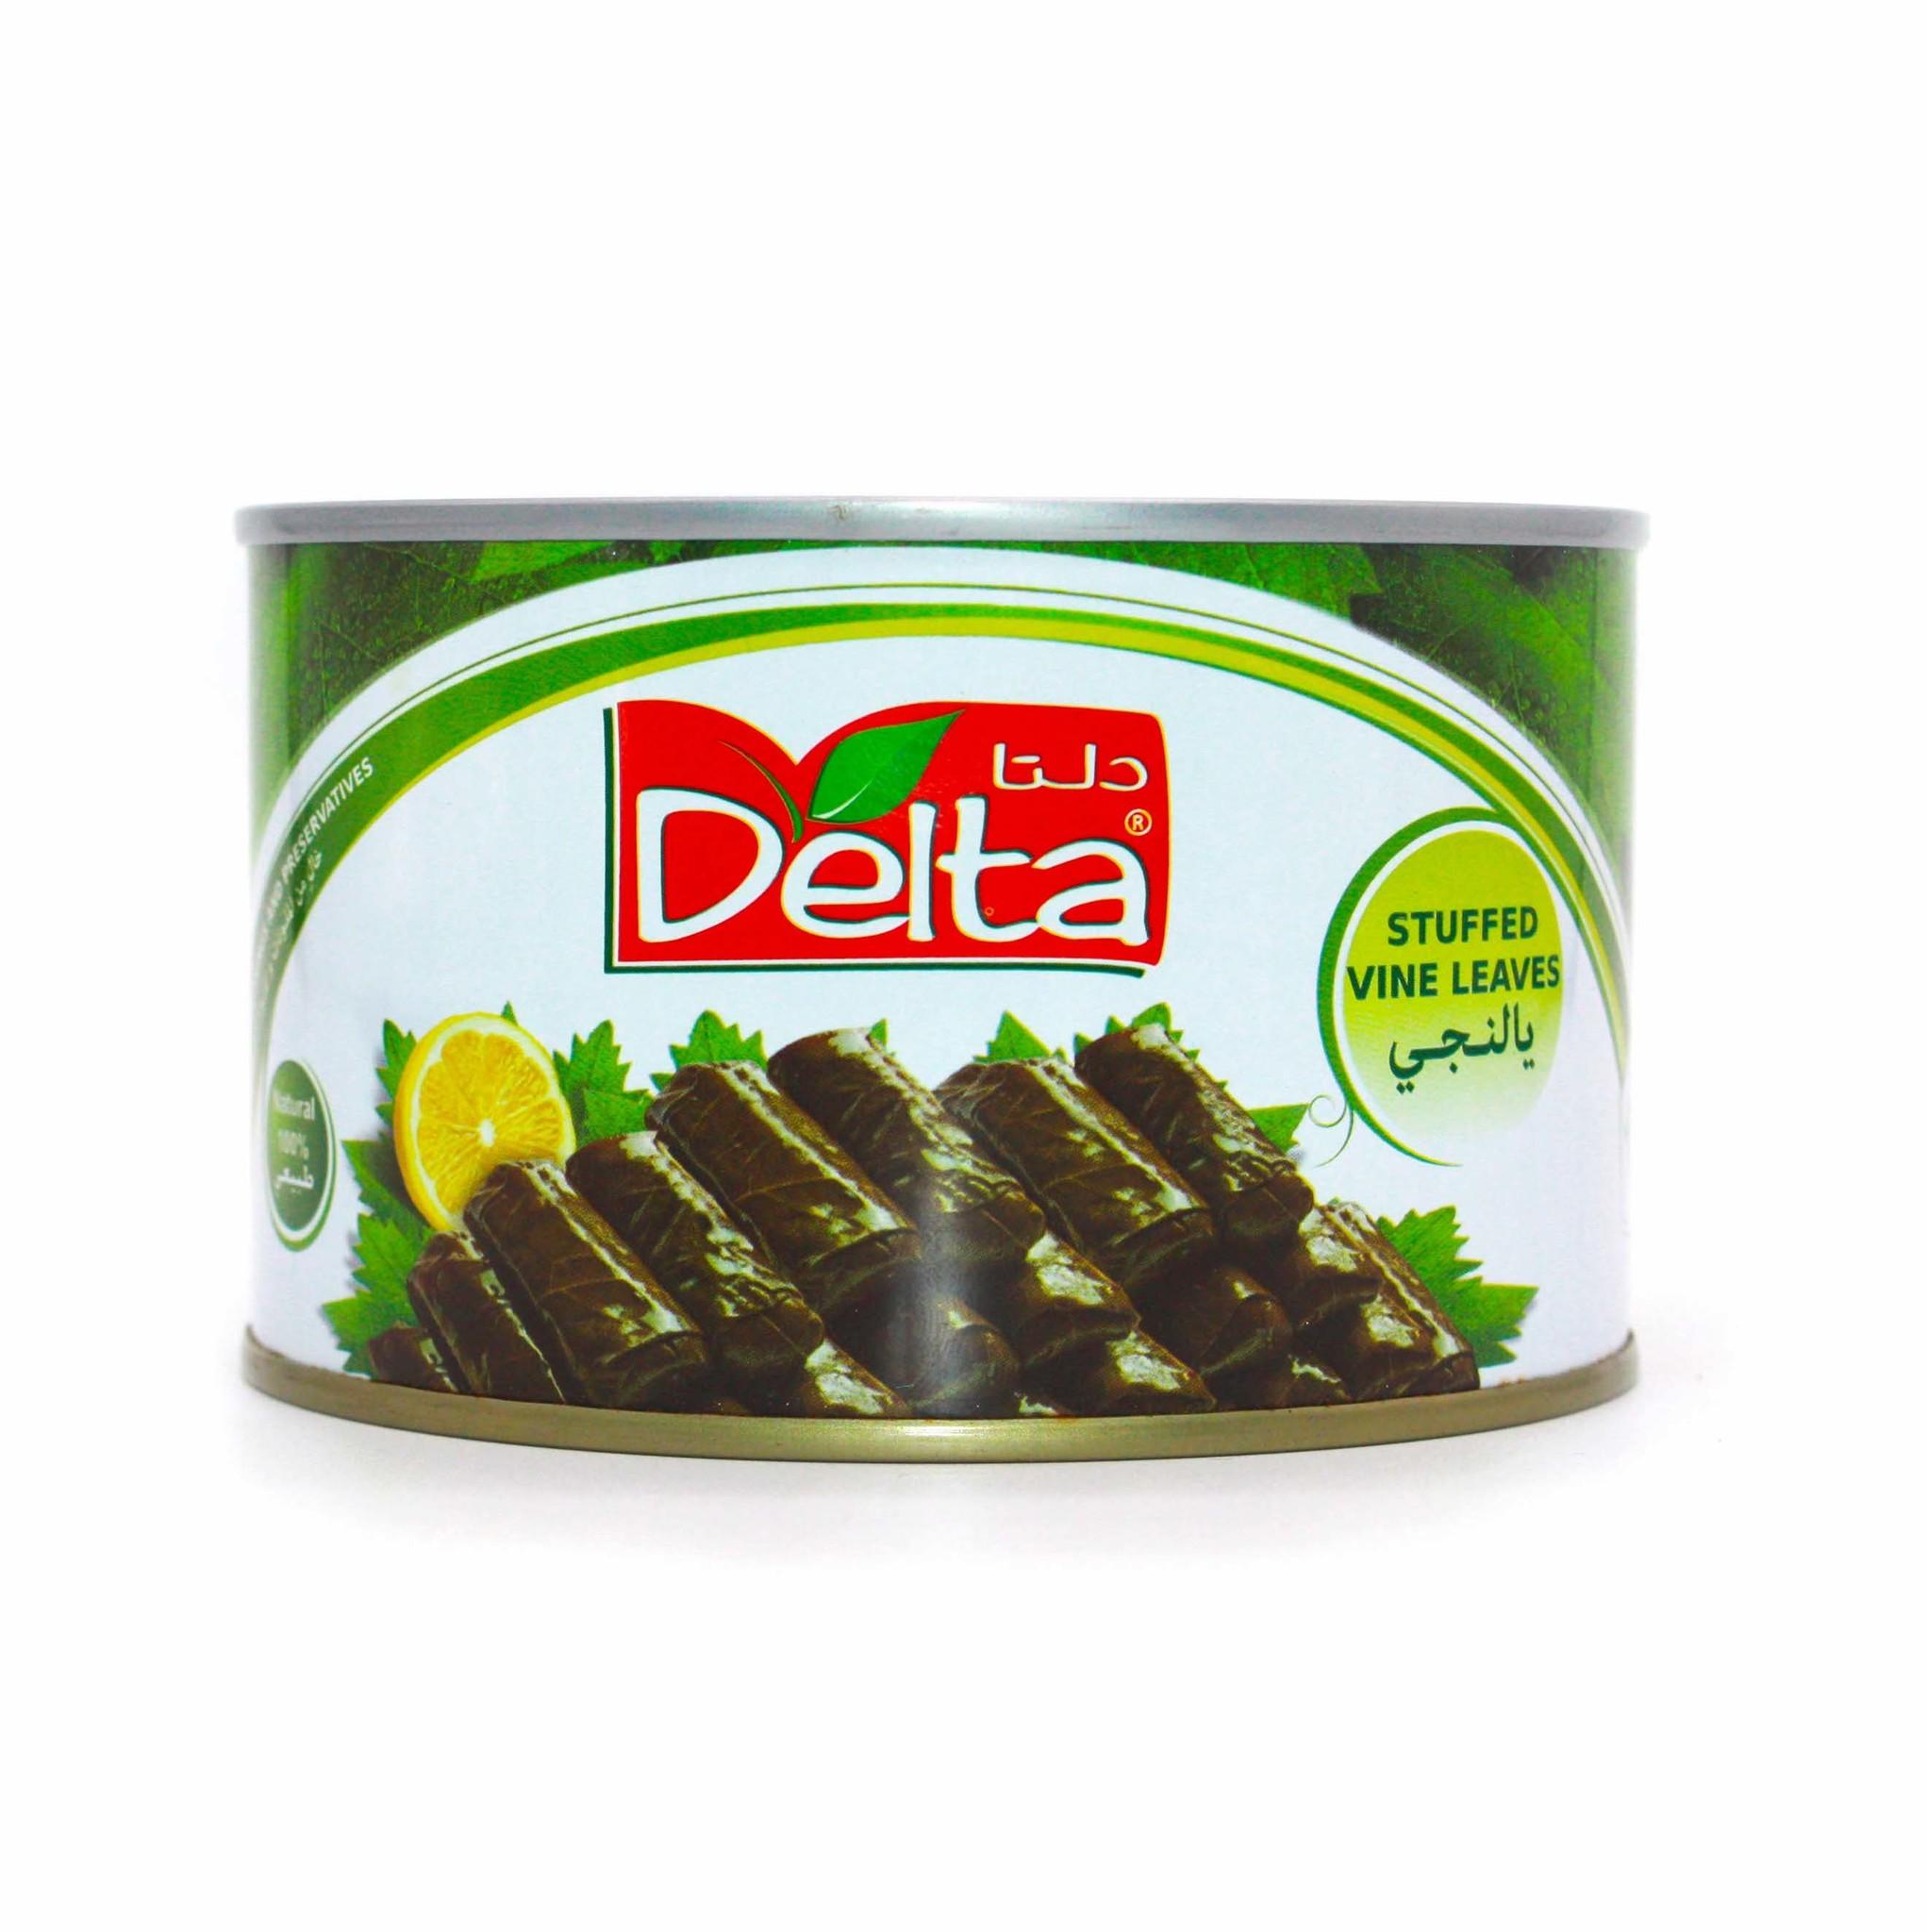 Национальные готовые блюда Долма в виноградных листьях Delta, 375 г import_files_4b_4be3e0f0ba4d11e8a99c484d7ecee297_d65bf0f7ba6411e8a99c484d7ecee297.jpg